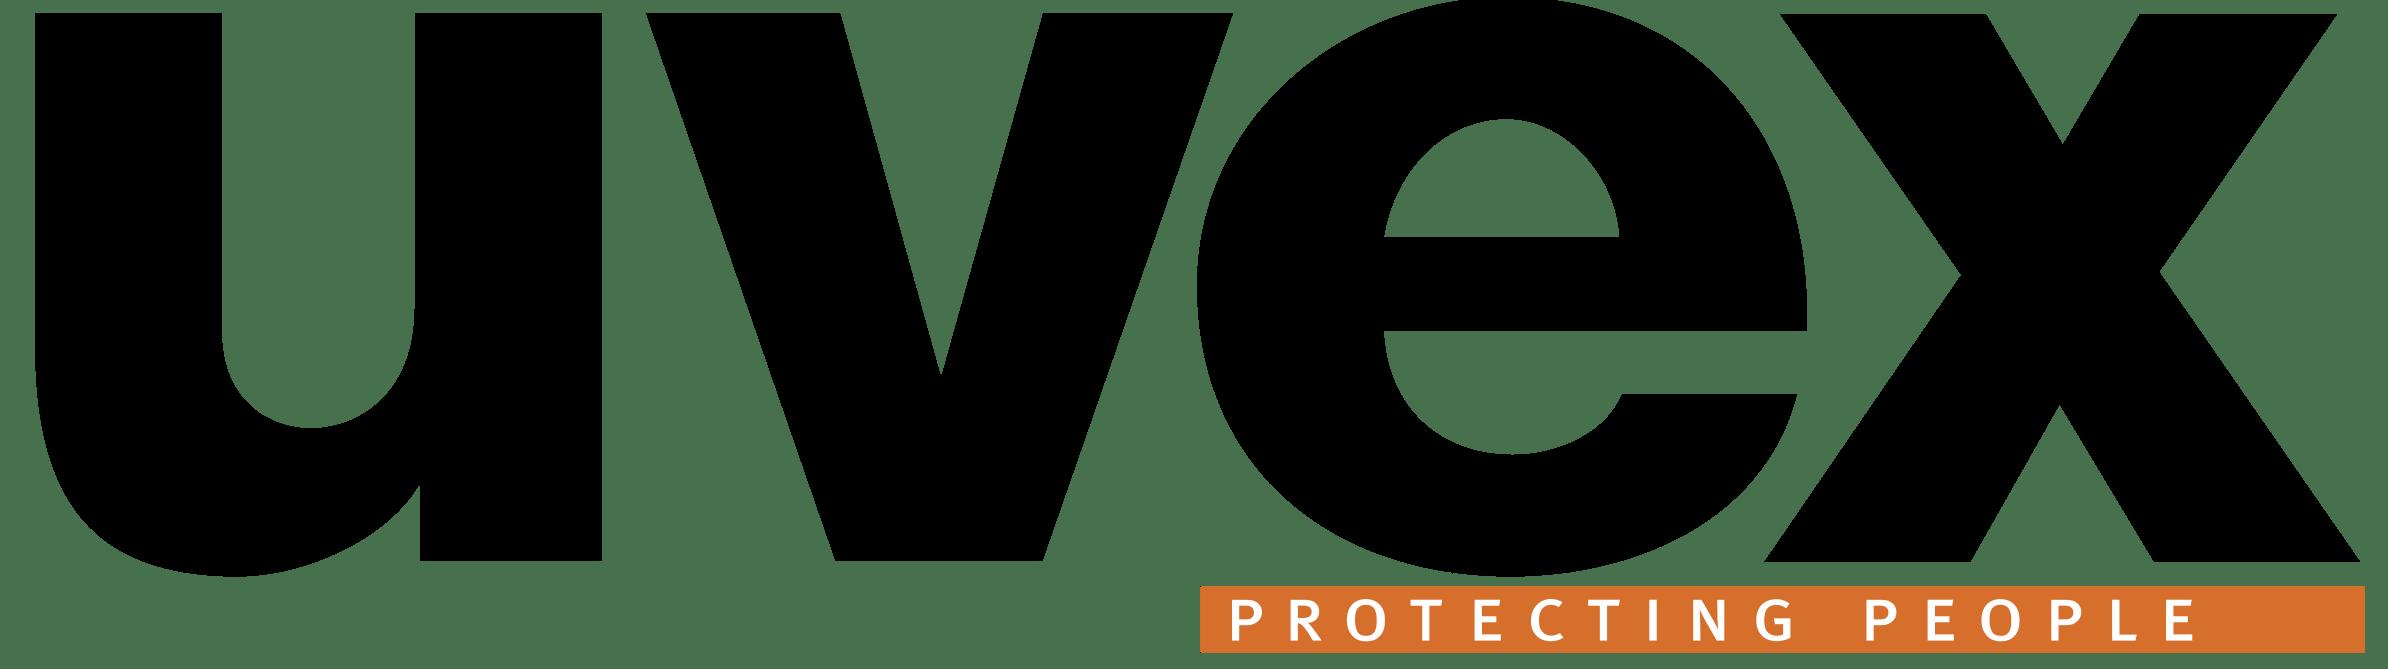 Картинки по запросу uvex логотип